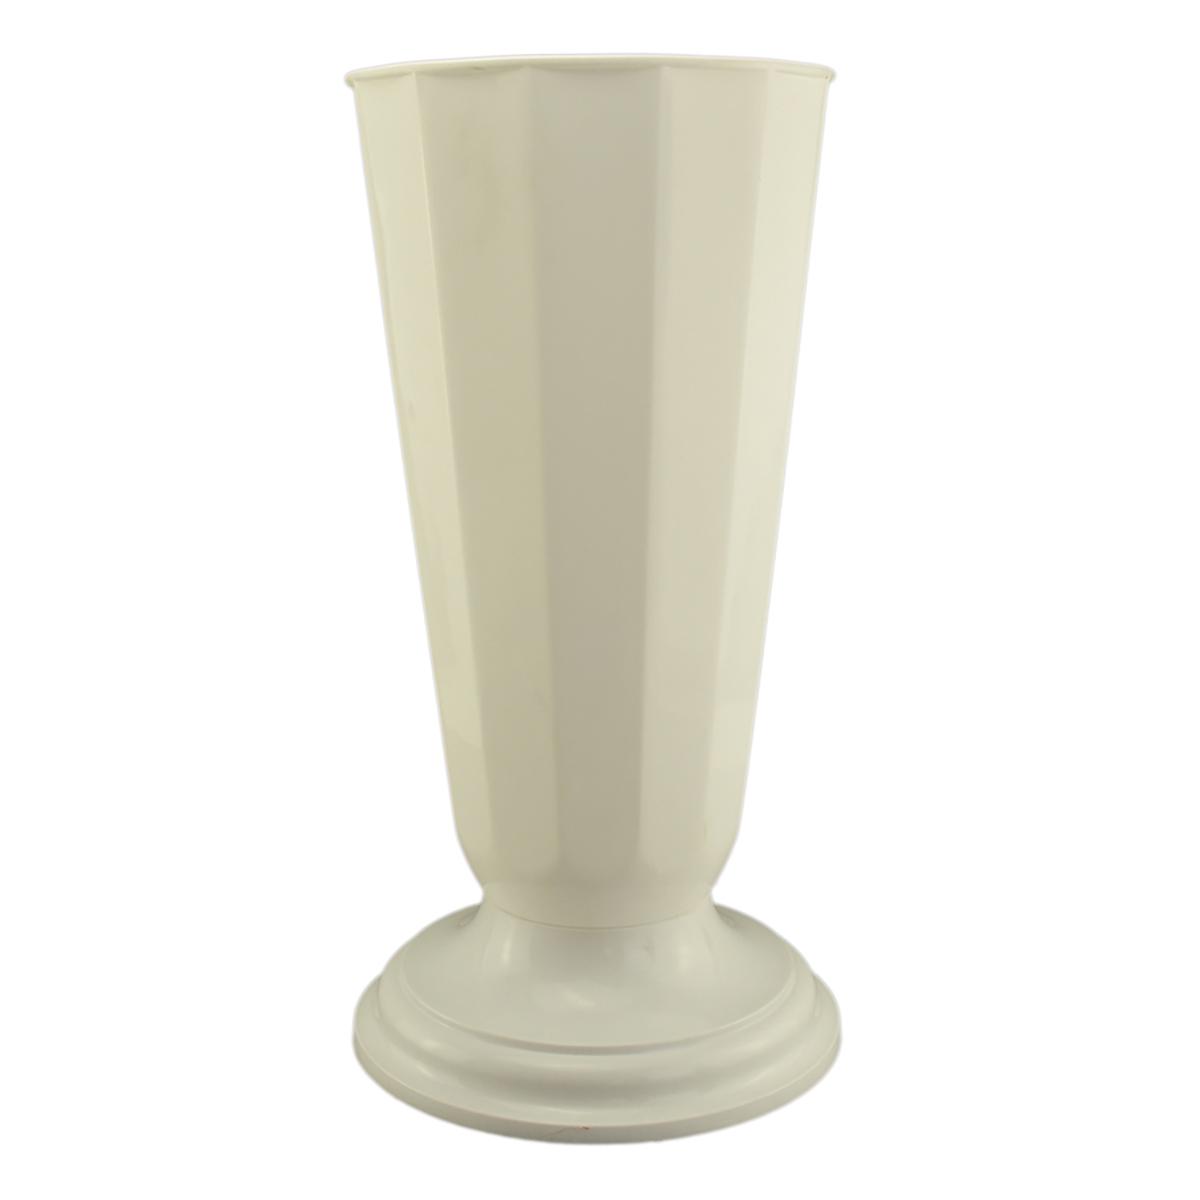 Vaza podea 19x48 cm alb